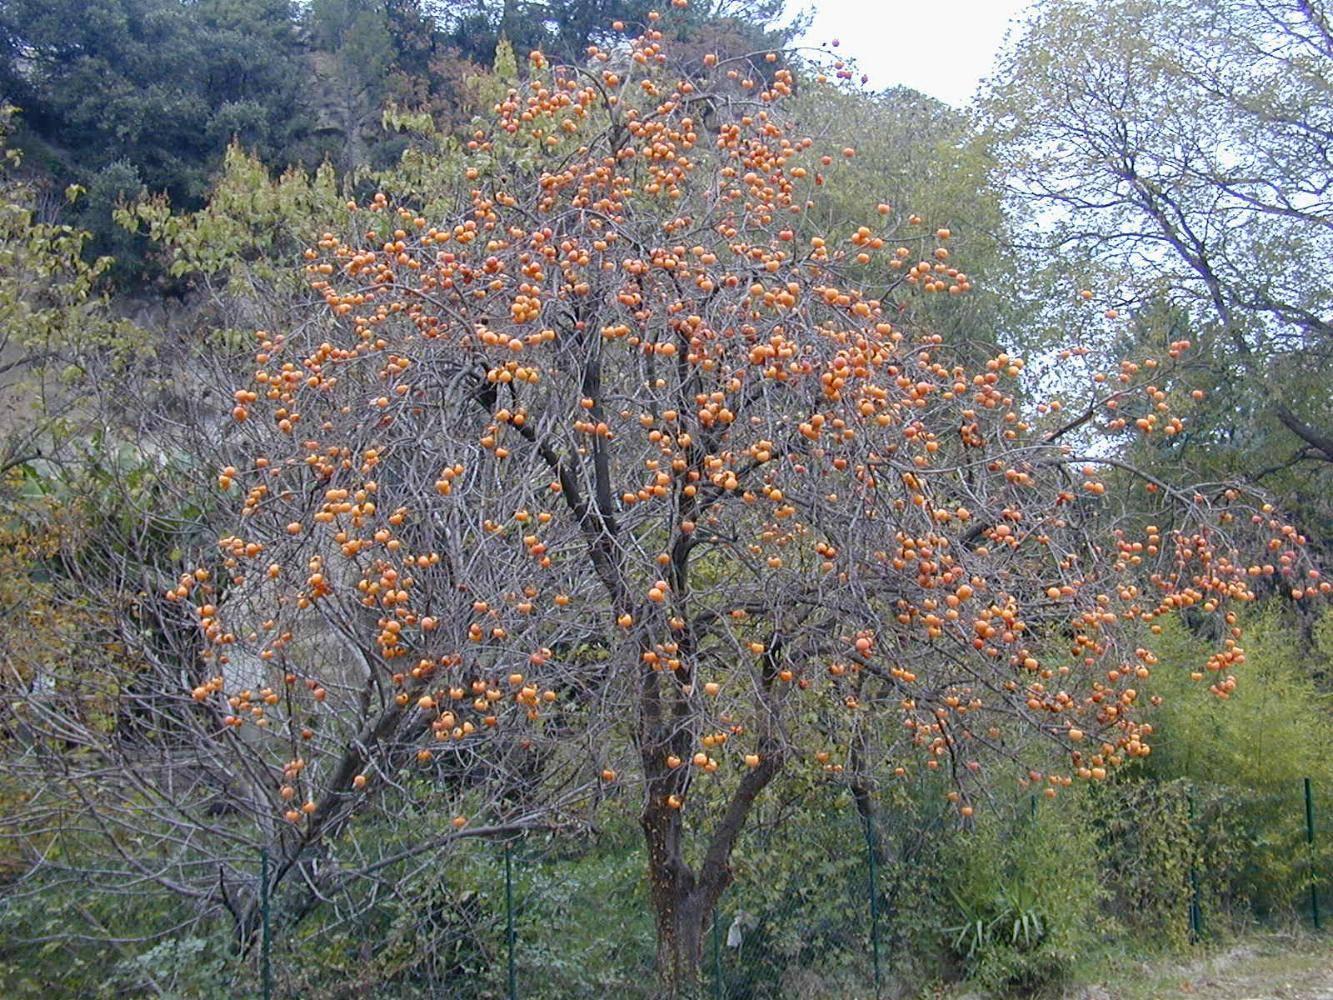 Дерево облепиха: посадка и уход в саду, фото, размножение, обрезка, сорта